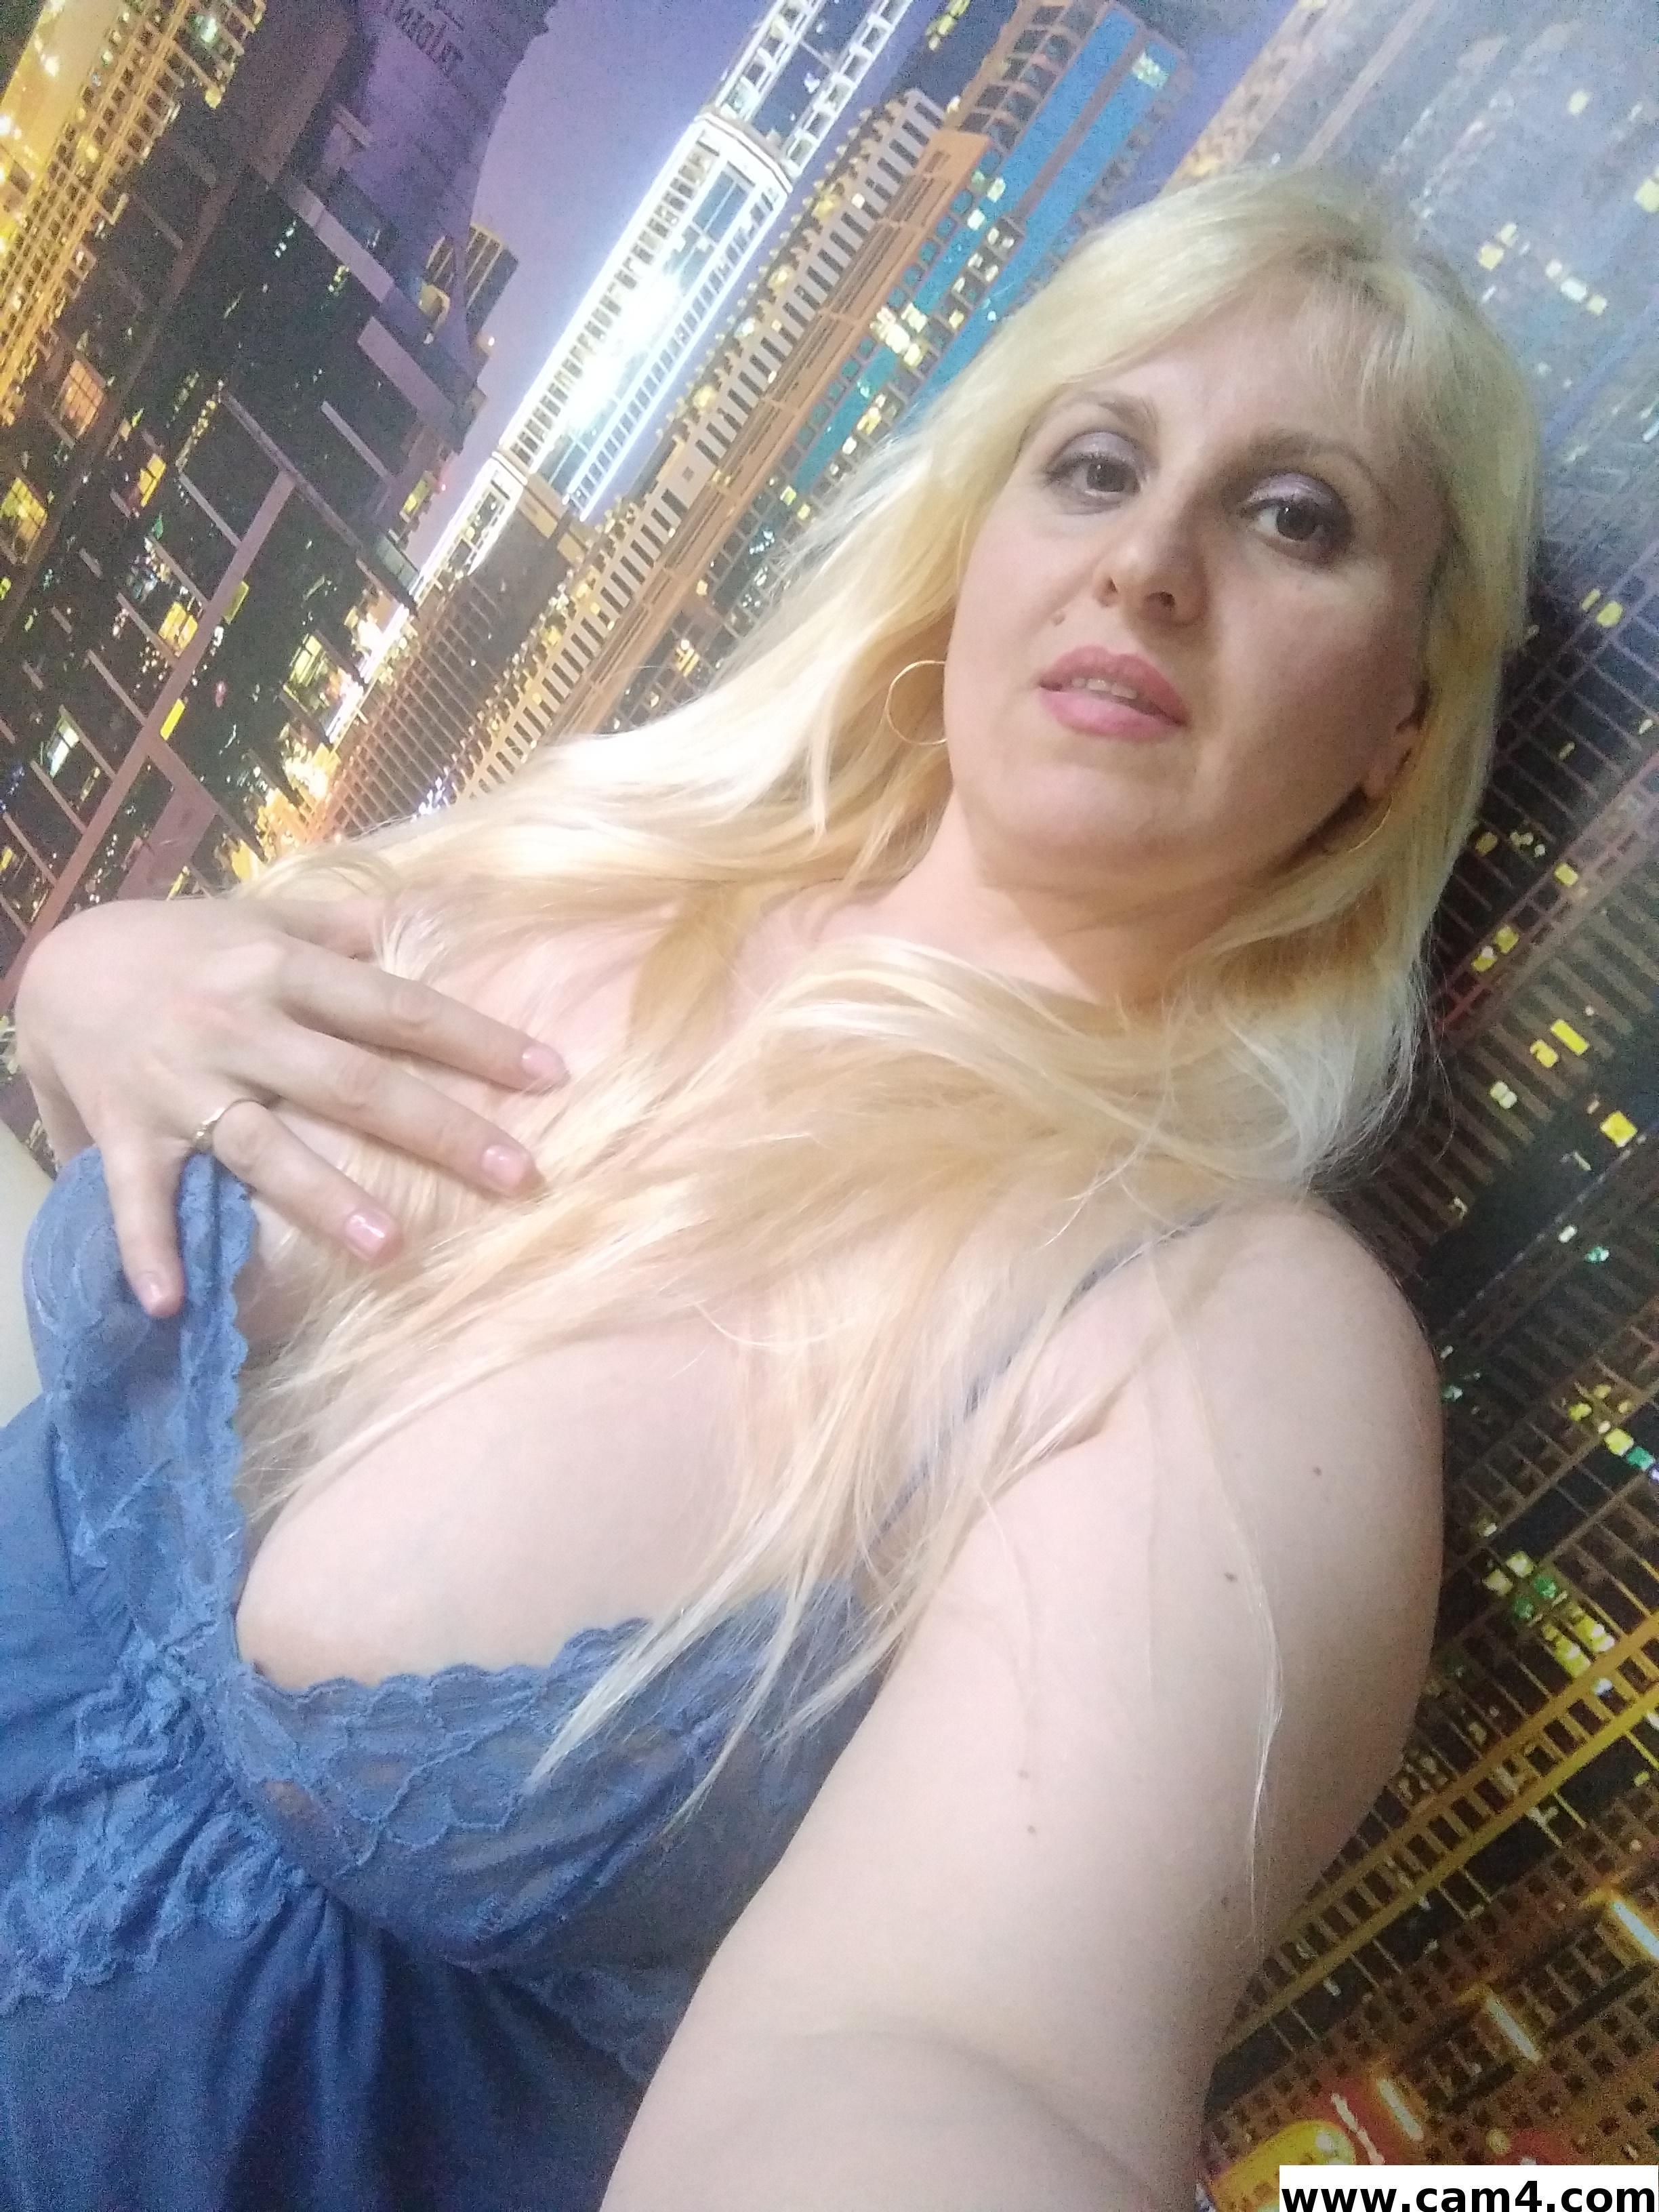 Blondabella?s=gtn7imn1ykyl3dhvecoqwisjvtajrgqqfia8cldrrpk=